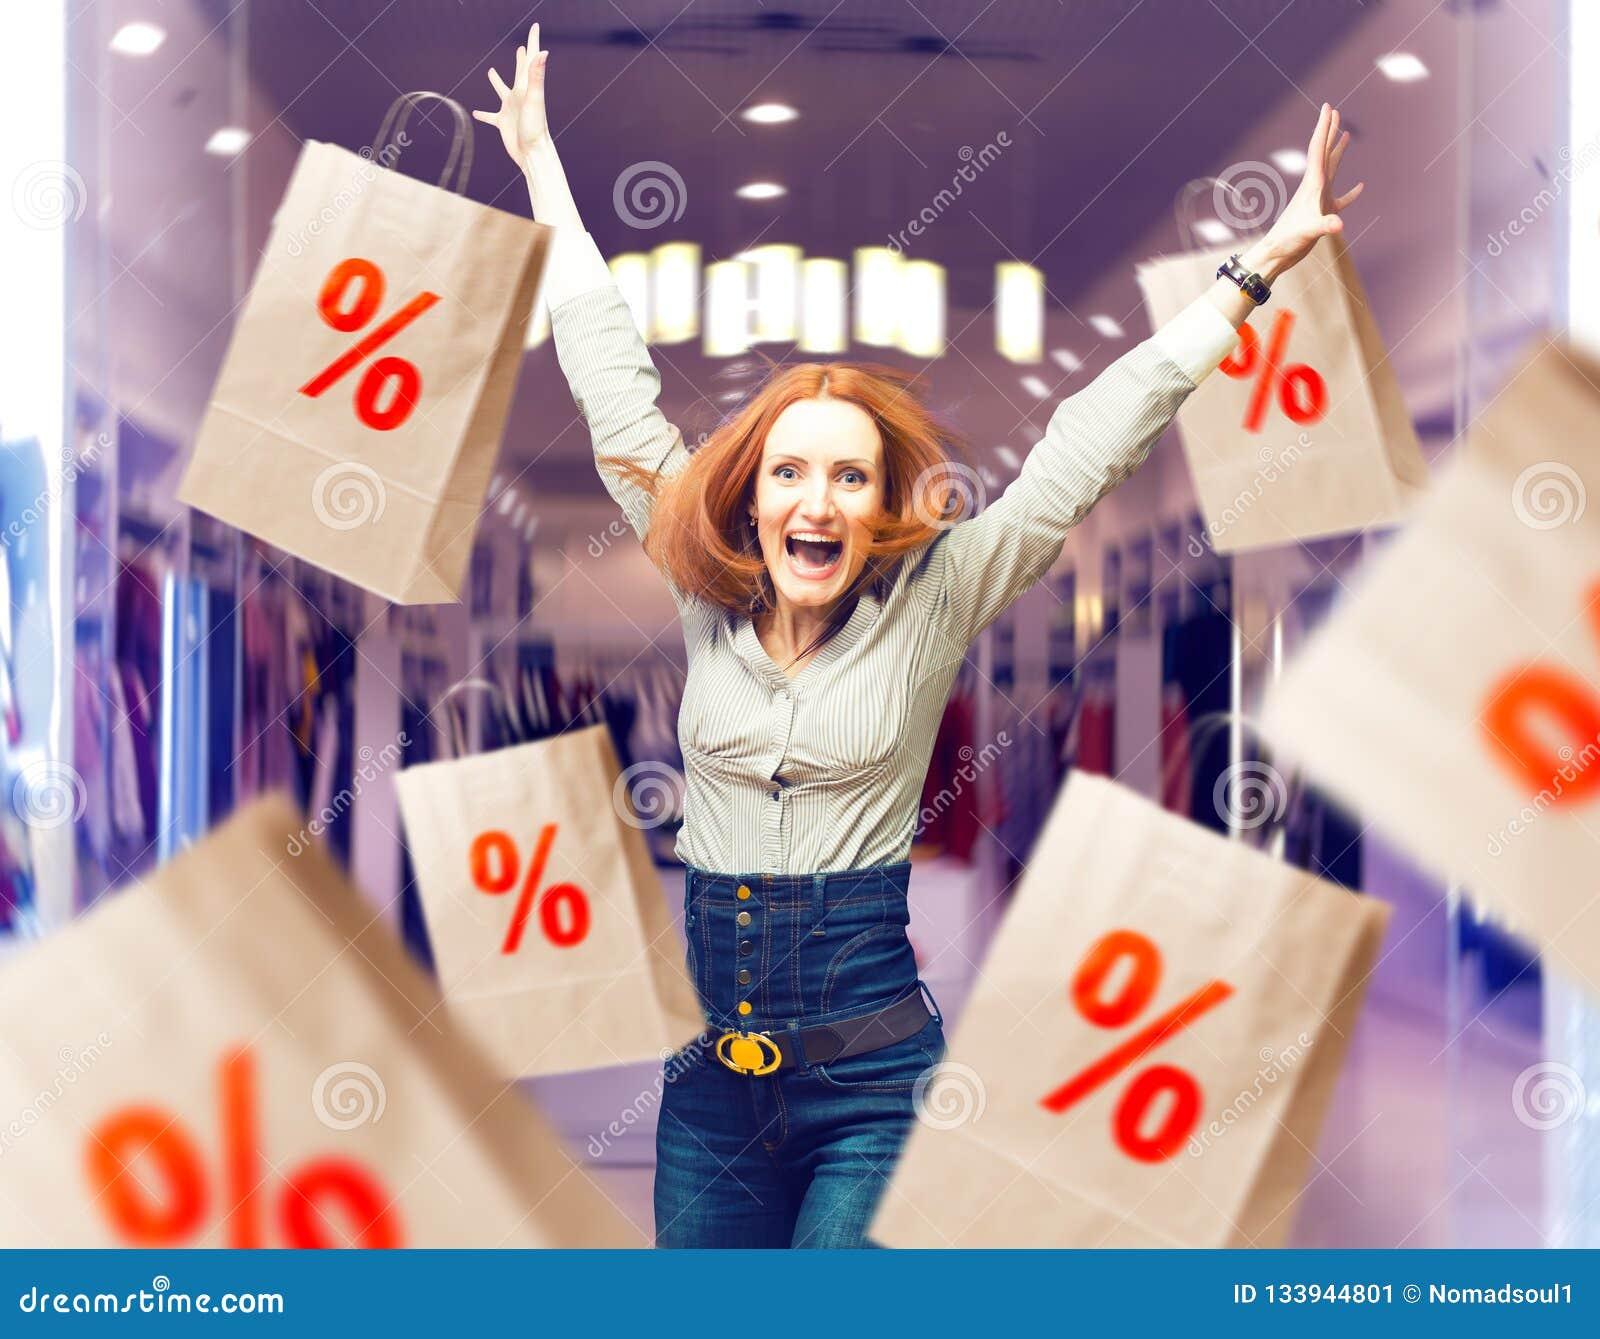 Femme joyeuse parmi des sacs en papier de vente dans le magasin